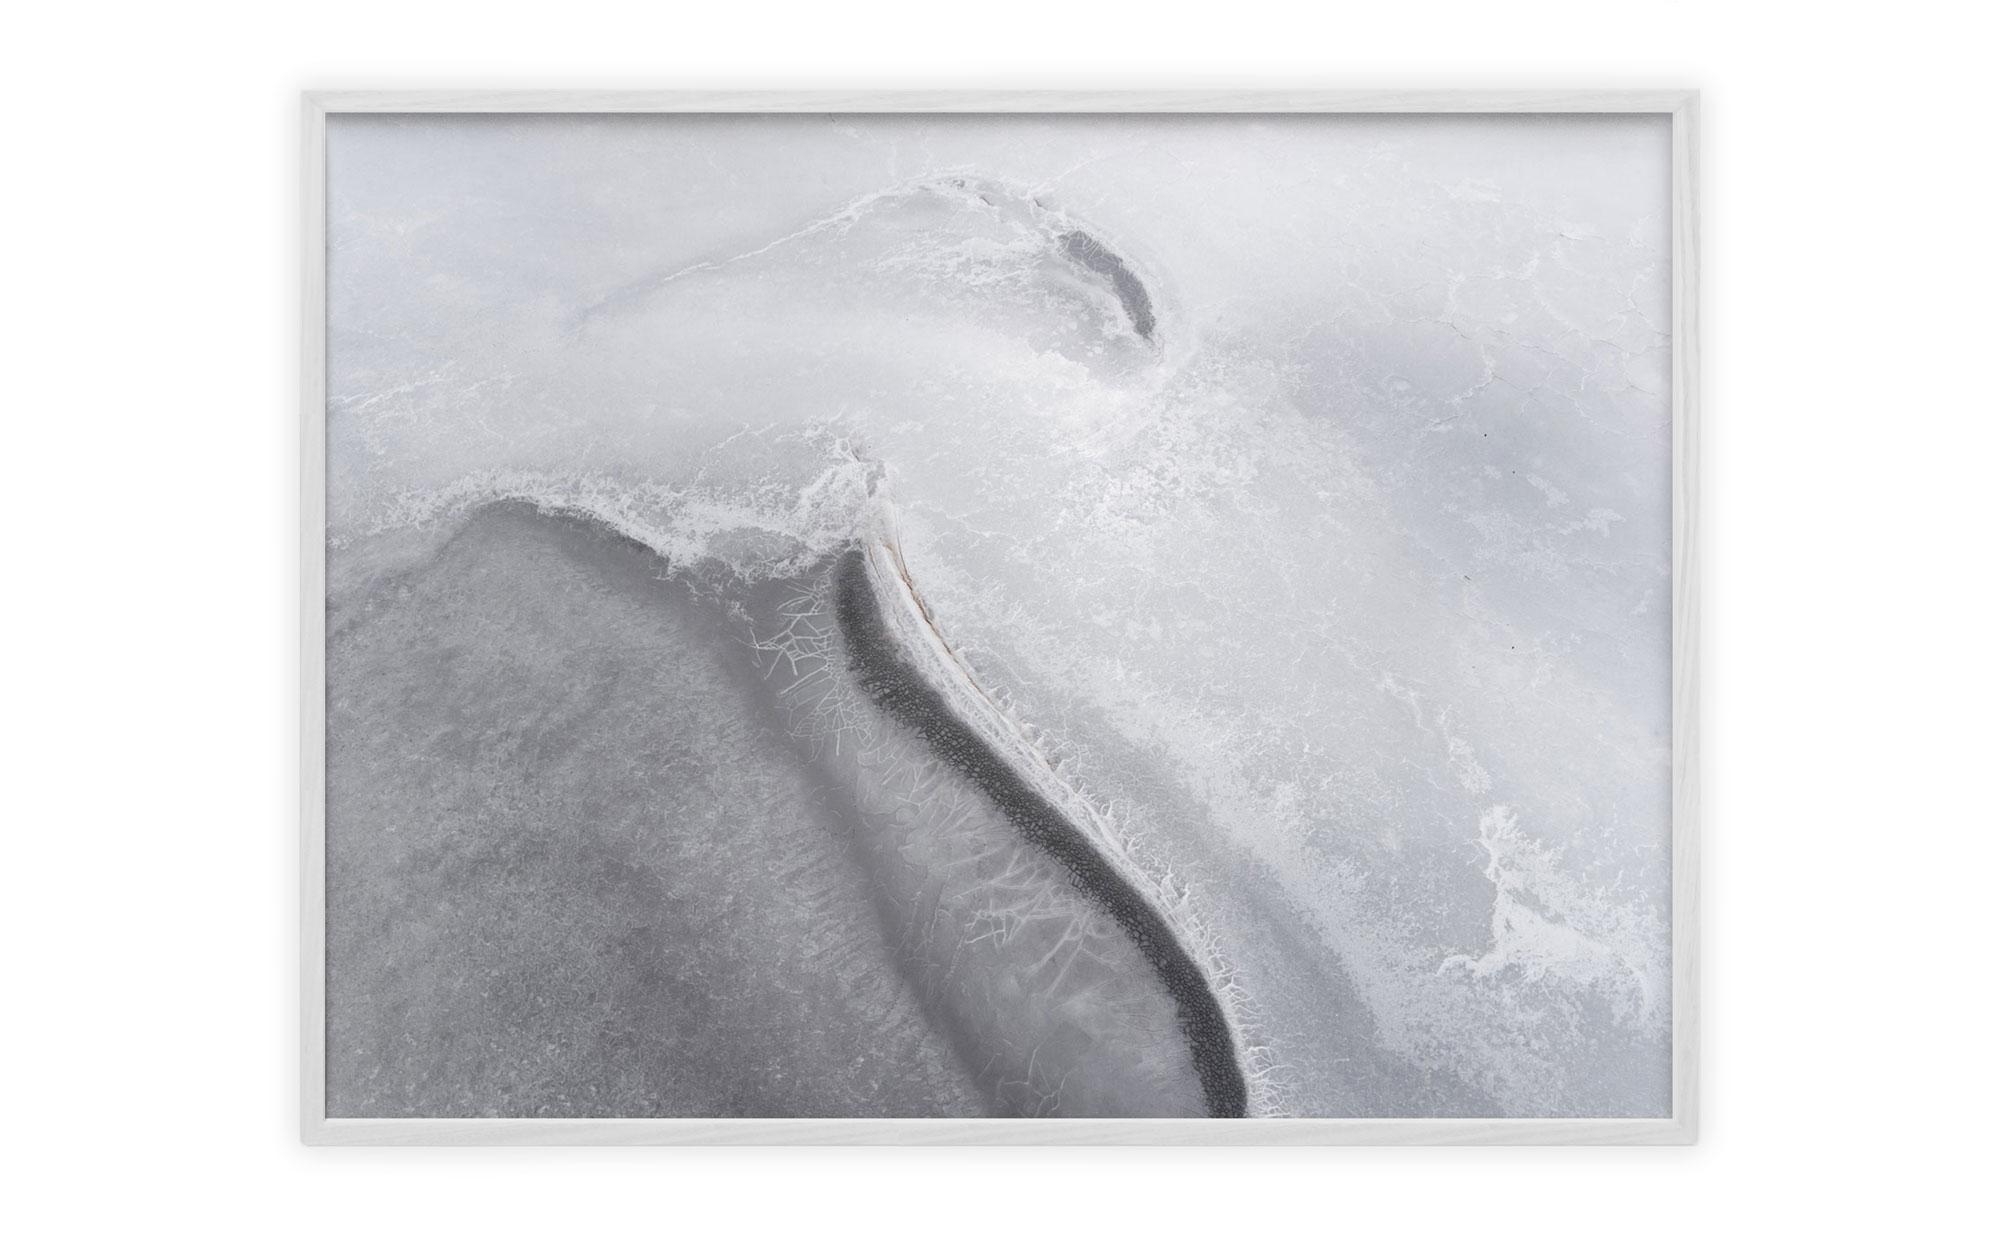 Maegan_Brown_Salt_Pleat_02_Framed_White.jpg